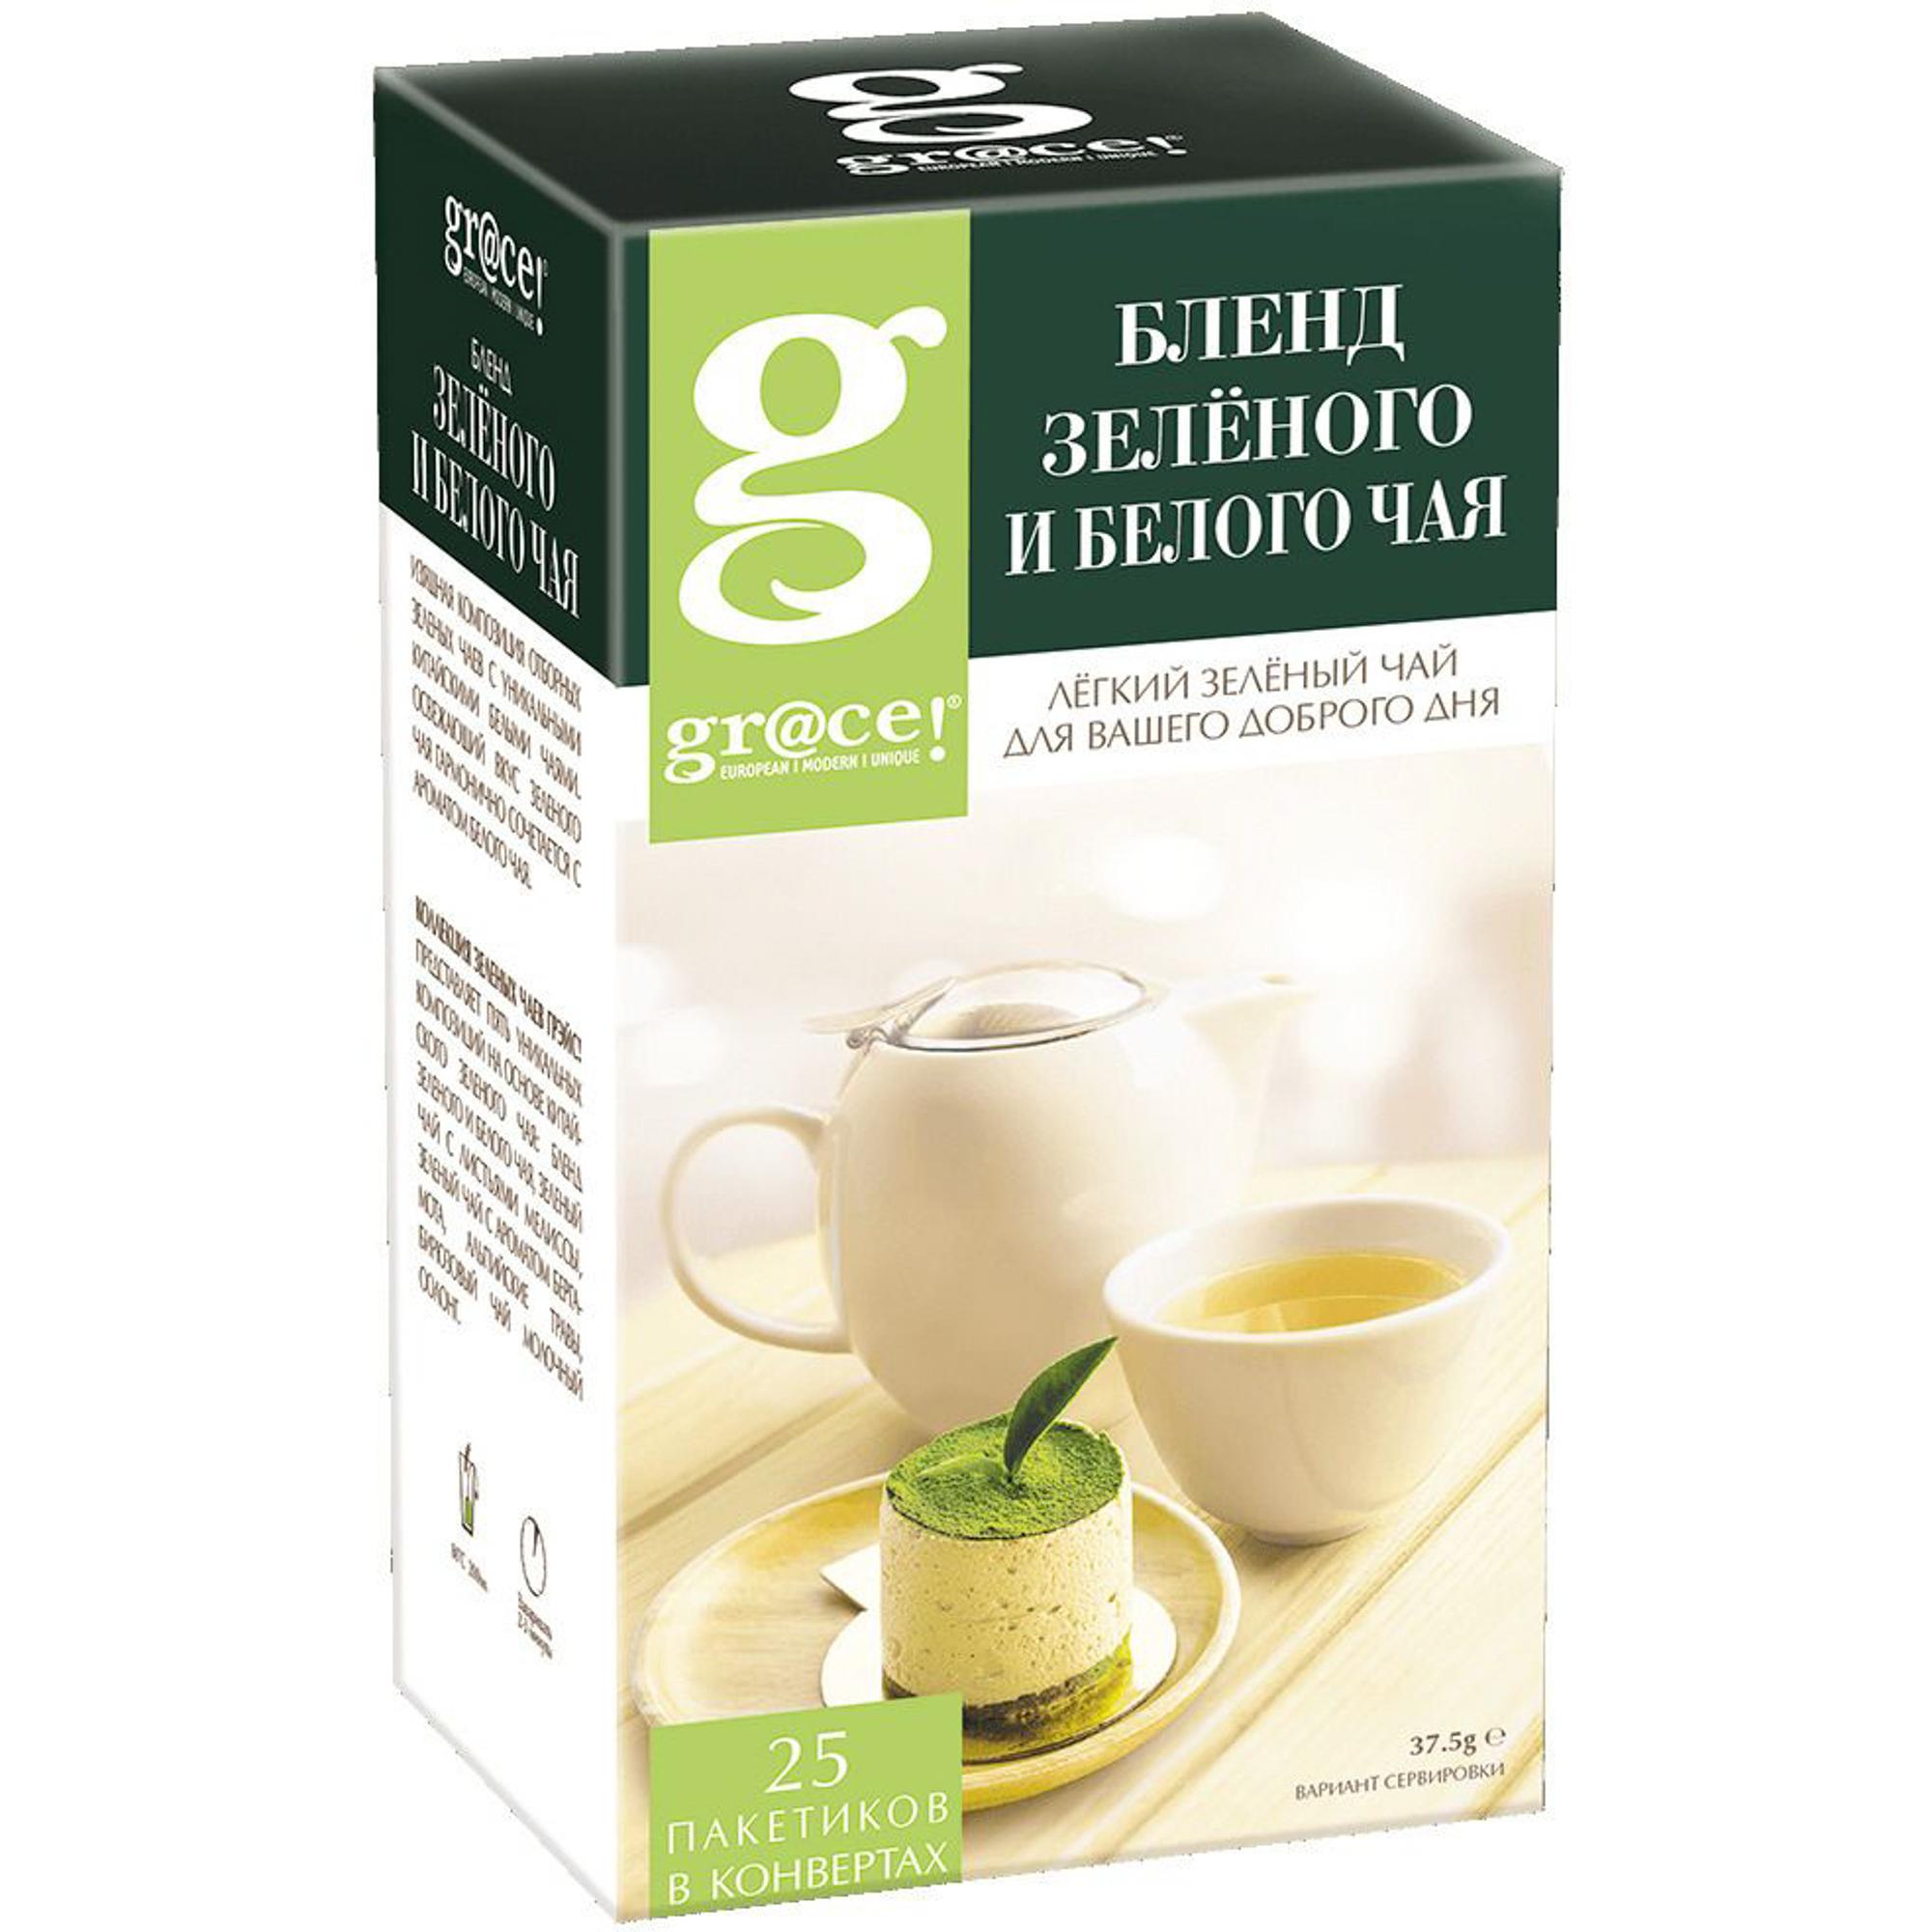 Чай Grace Бленд зеленого и белого чая 25 пакетиков